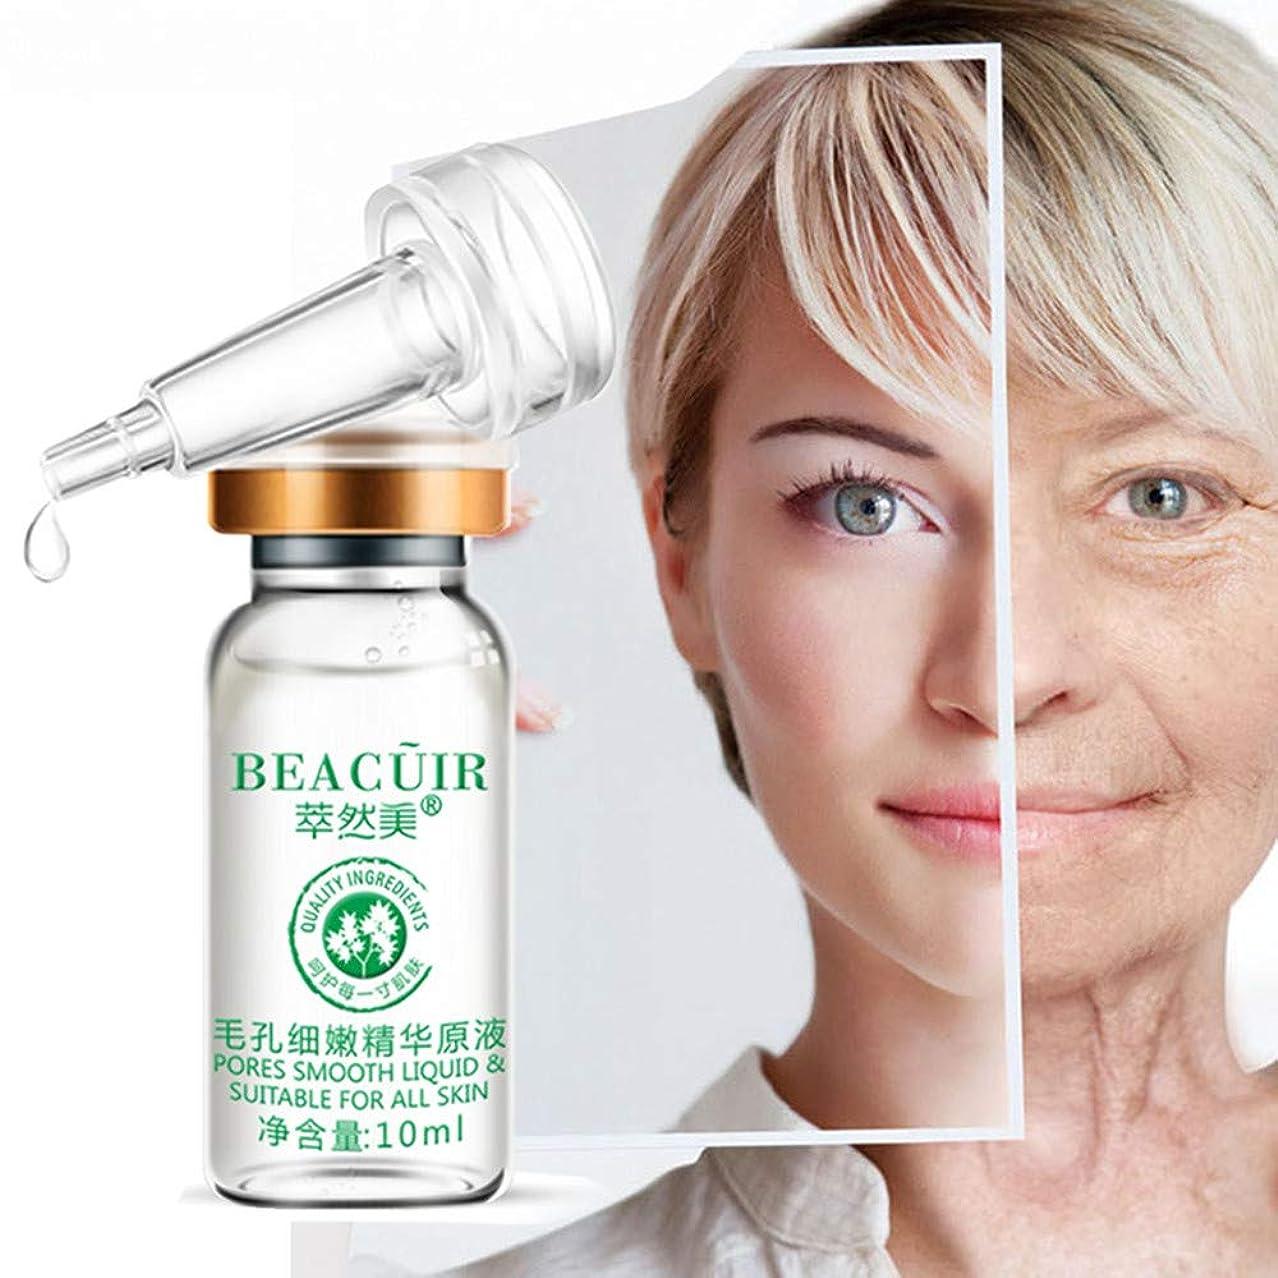 寛大さ銀ペックAkane BEACUIR 天然 水分 肌の明るさ 修復 美白 繊細 しわ取り 毛穴縮小 保湿 黒ずみ 角質除去 肌荒れ防止 くすんだ肌を改善し エッセンス 10ml